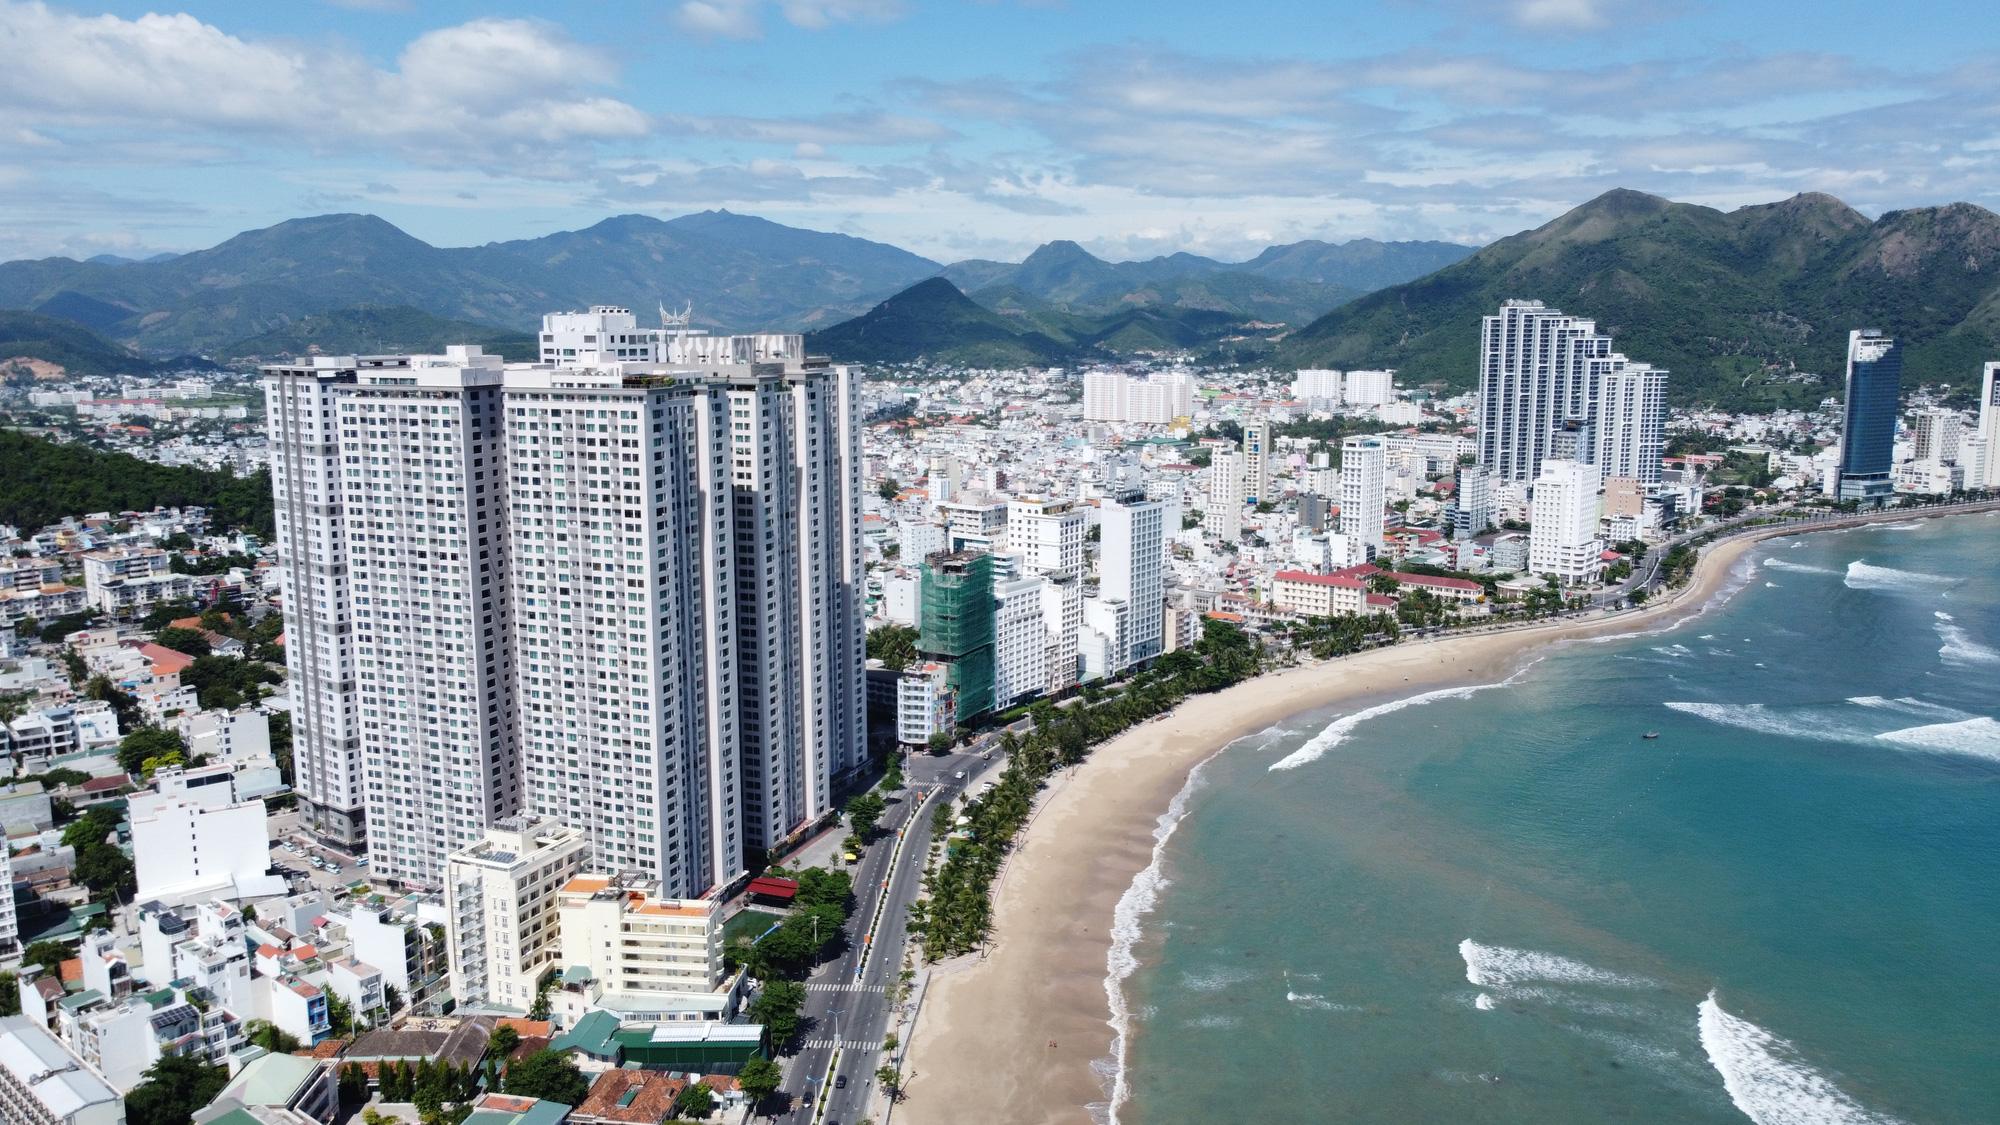 Khánh Hòa yêu cầu các doanh nghiệp nộp hơn 800 tỷ đồng để khắc phục sai phạm - Ảnh 2.